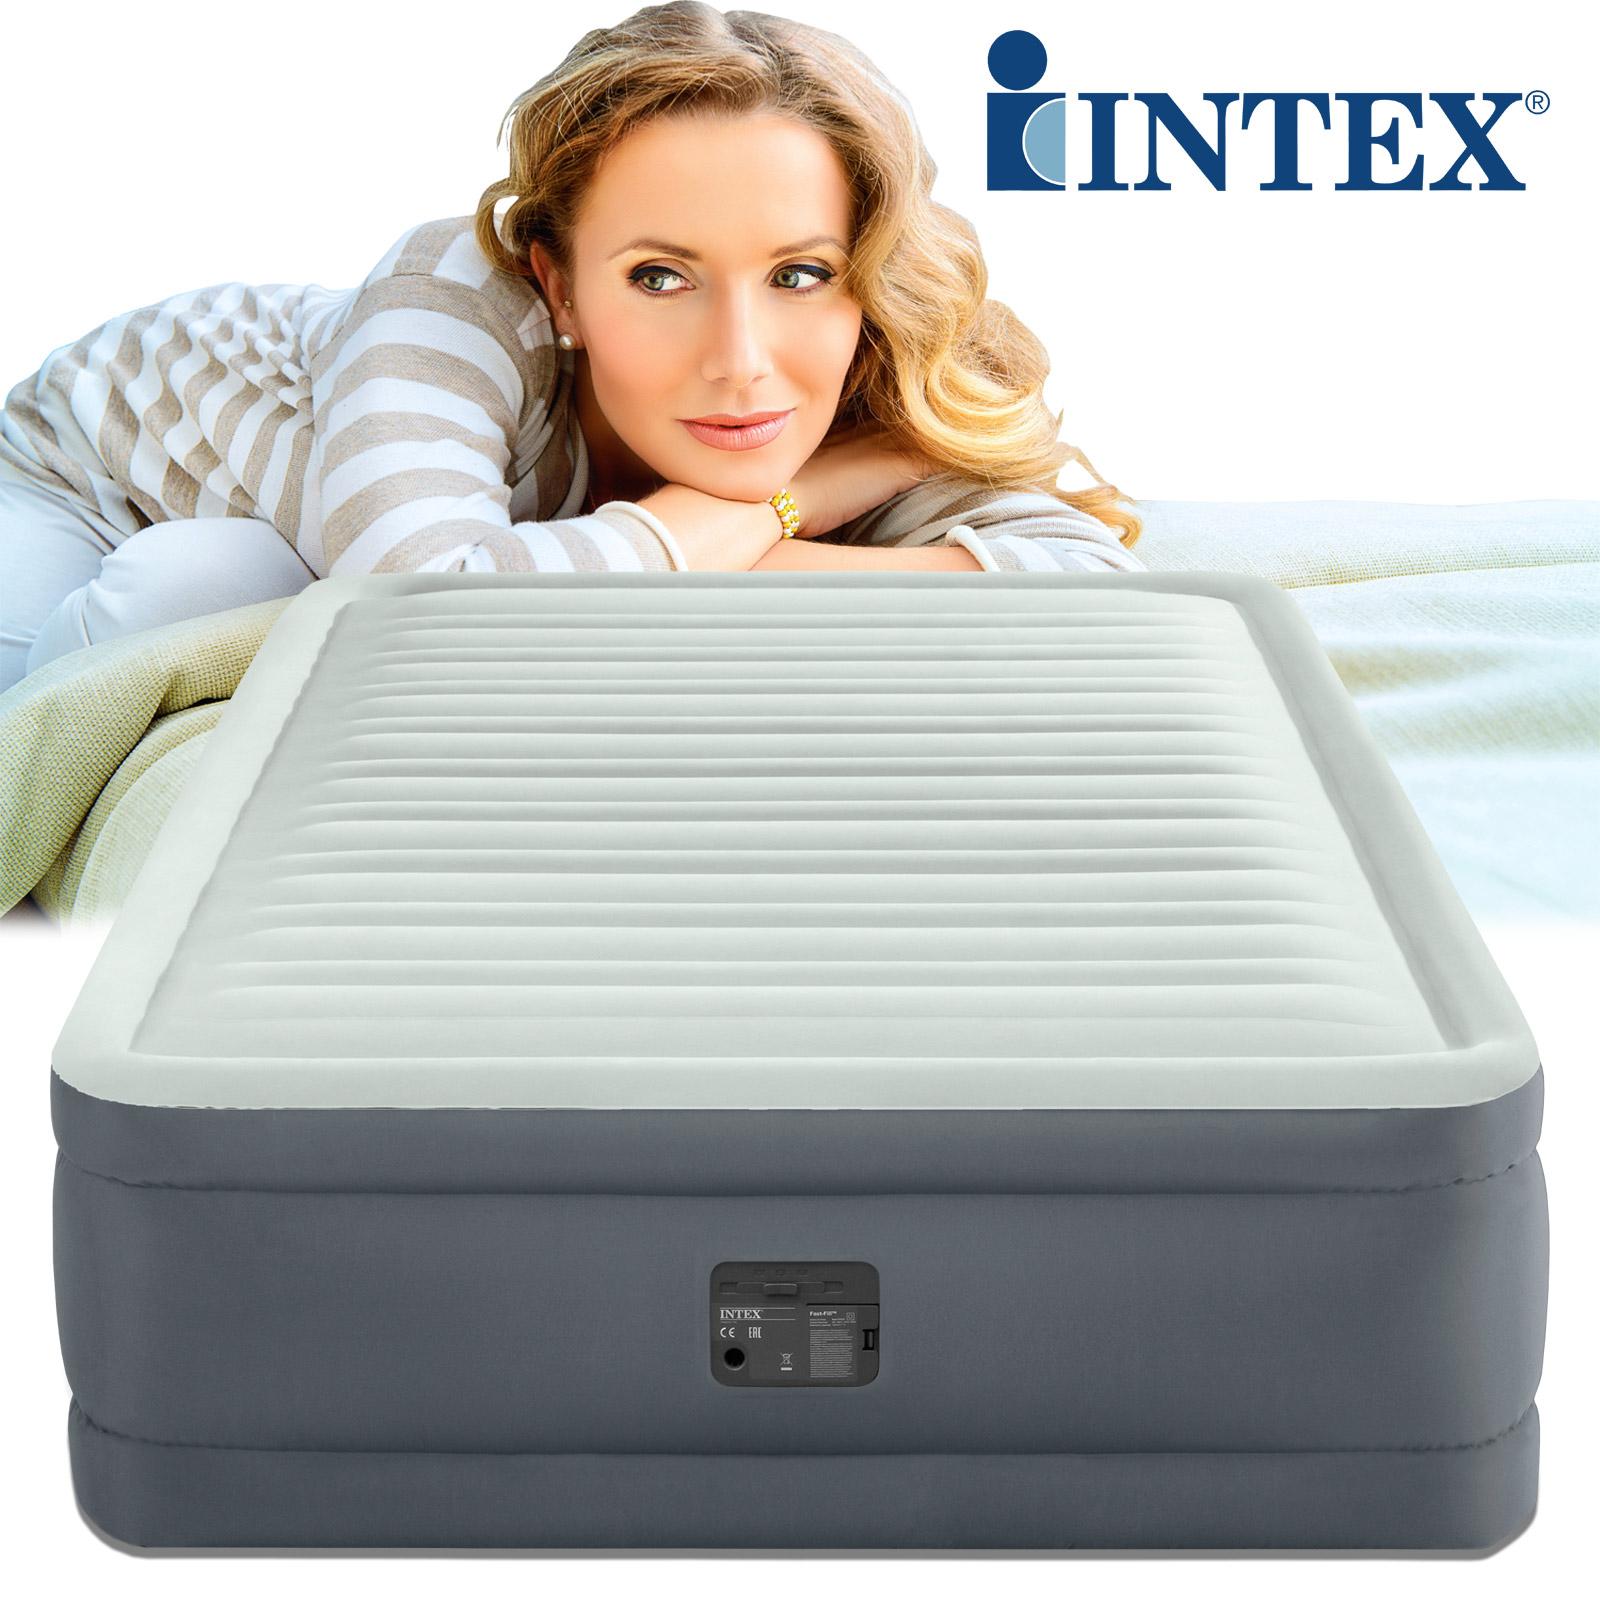 Intex Luftbett 203x152x46 cm mit integrierter Luftpumpe Gästebett